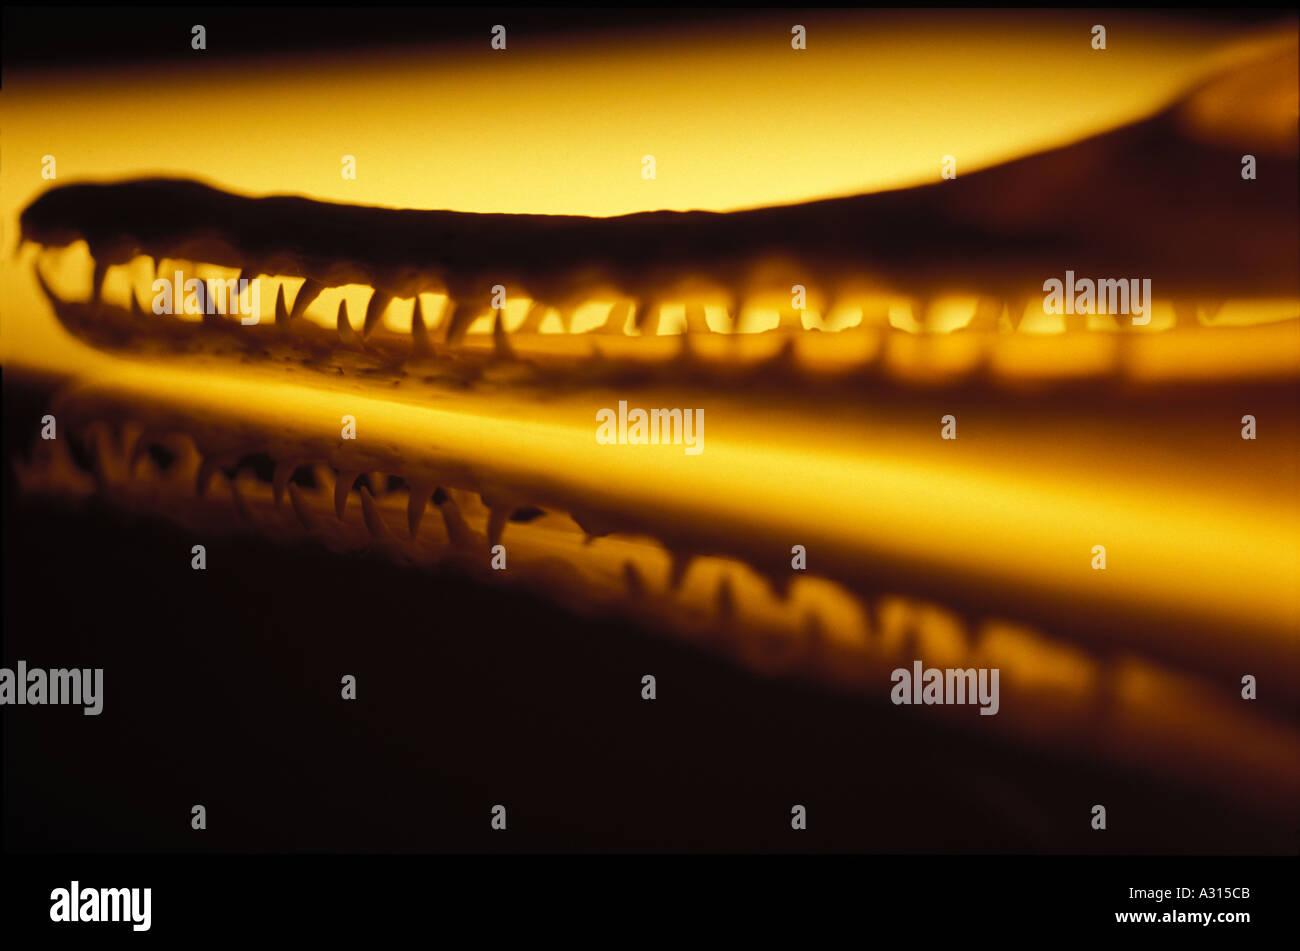 Mandíbulas de cocodrilo 0038 Foto de stock